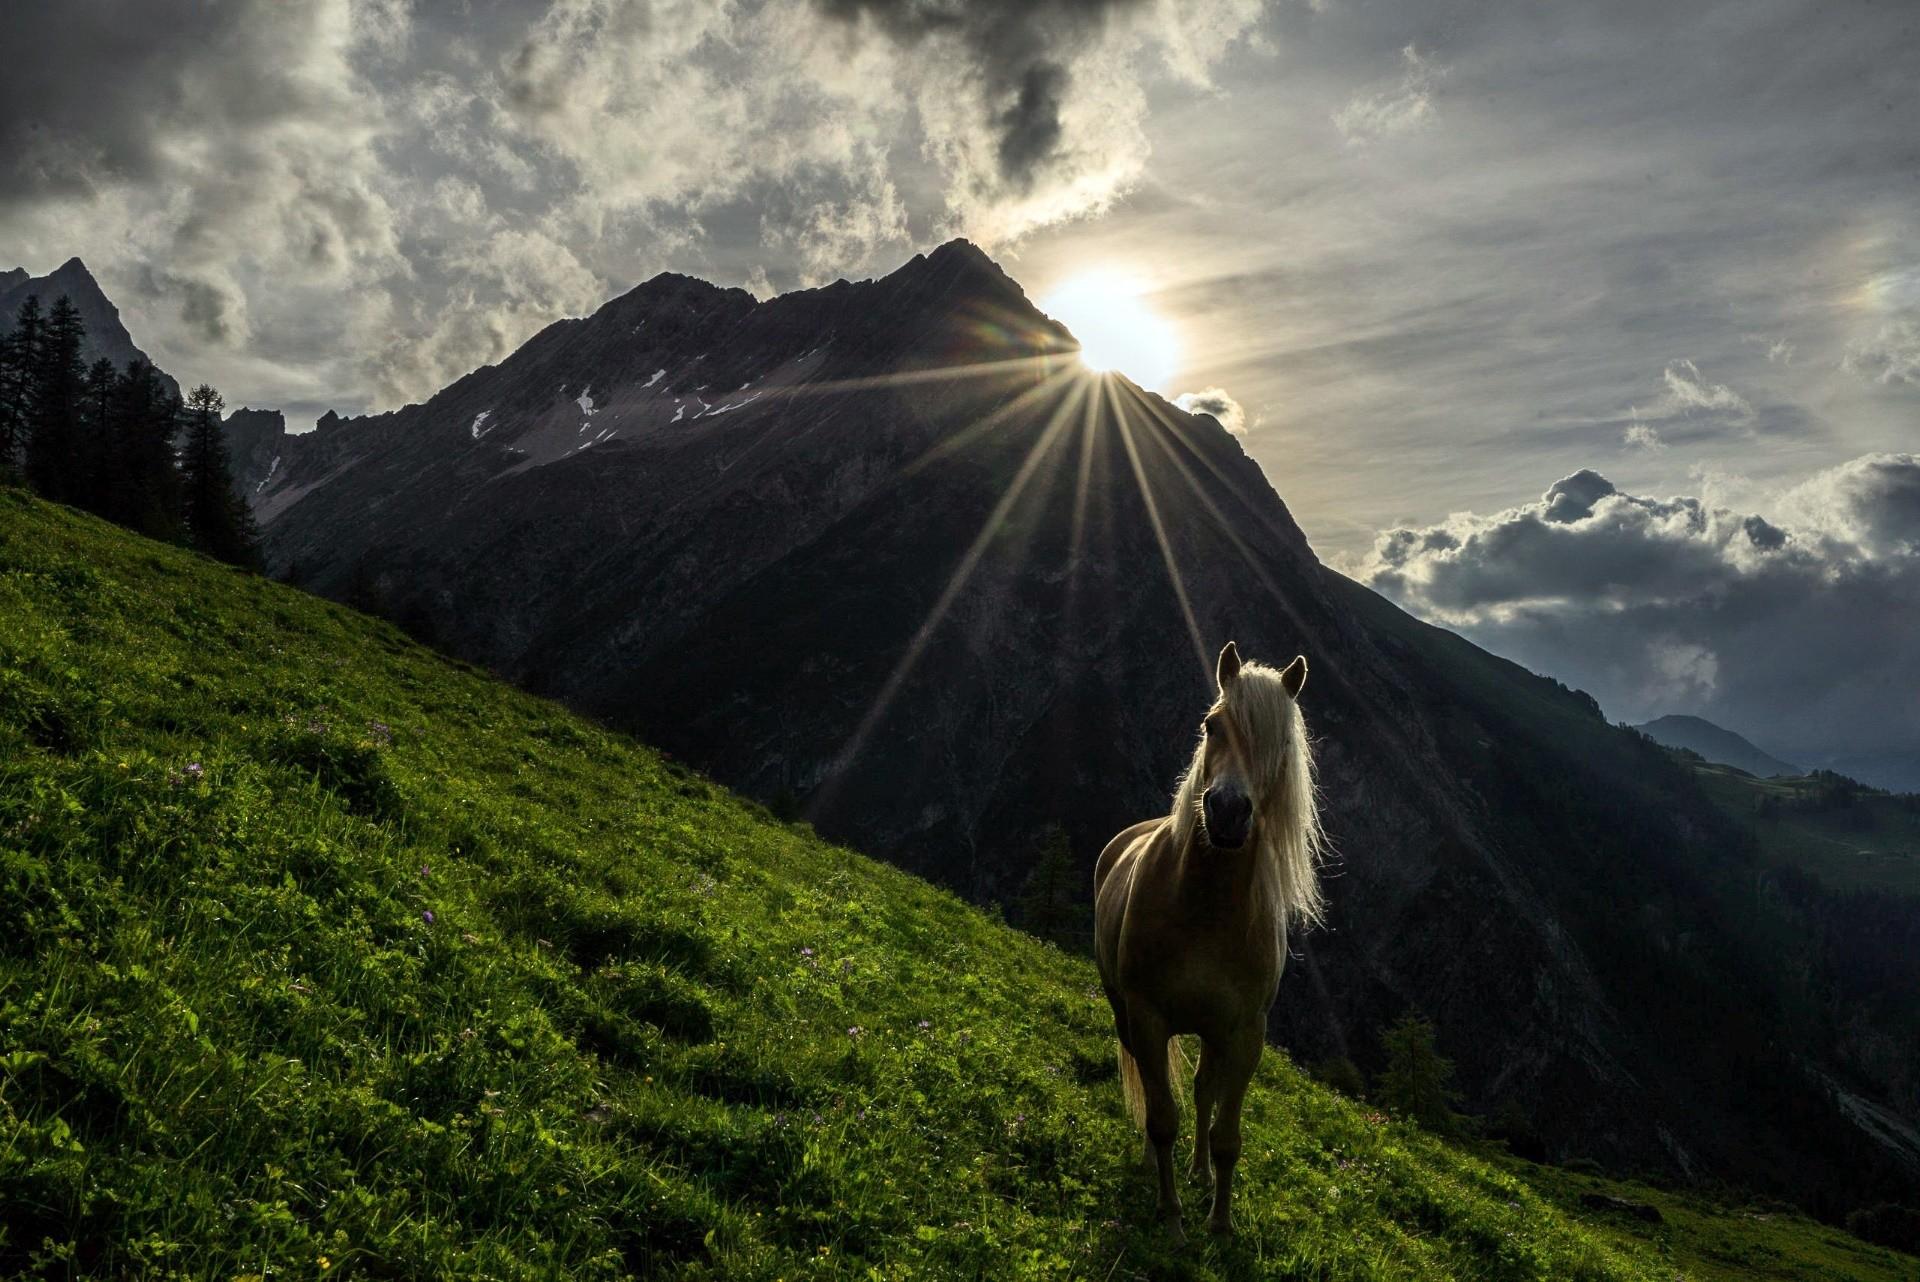 42 Gambar Pemandangan Gunung Dan Hewan Terbaik